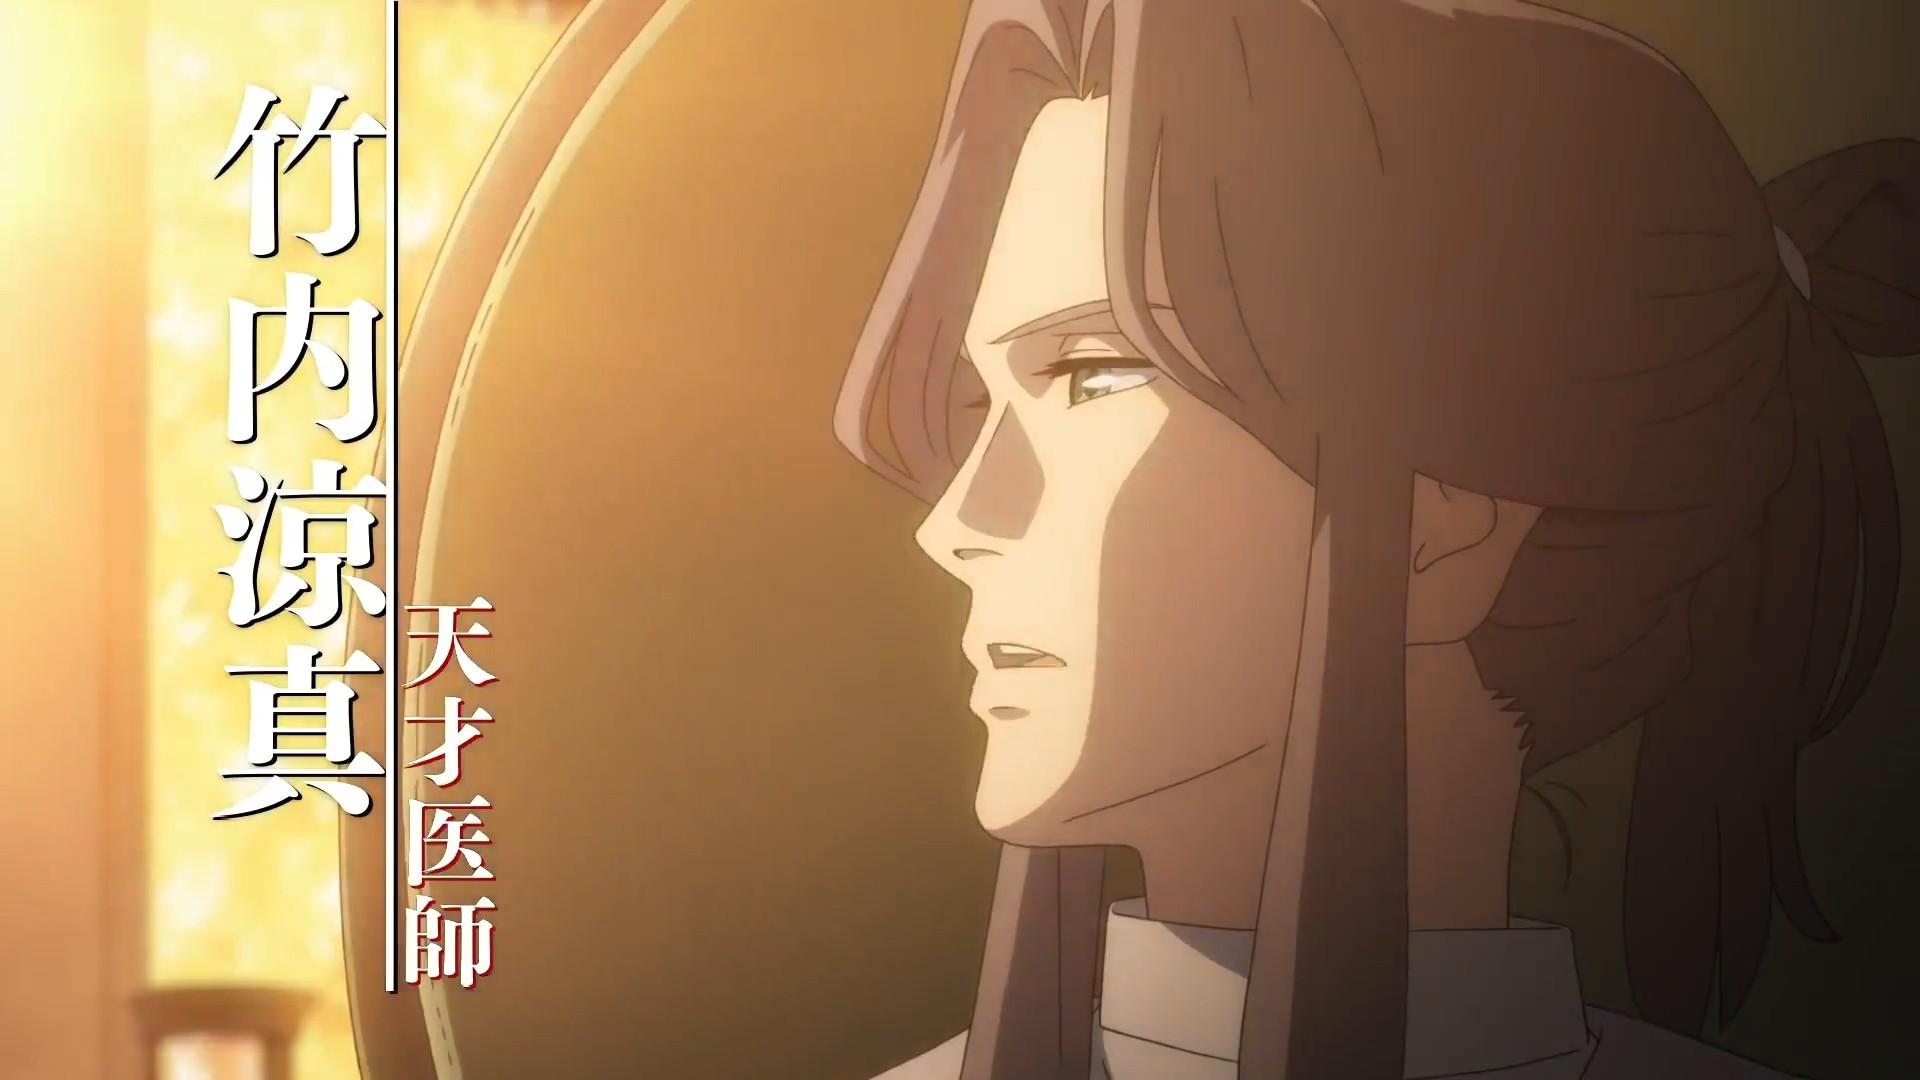 剧场版《鹿王 尤娜与约定之旅》第一弹特报公开,9月10日上映- ACG17.COM